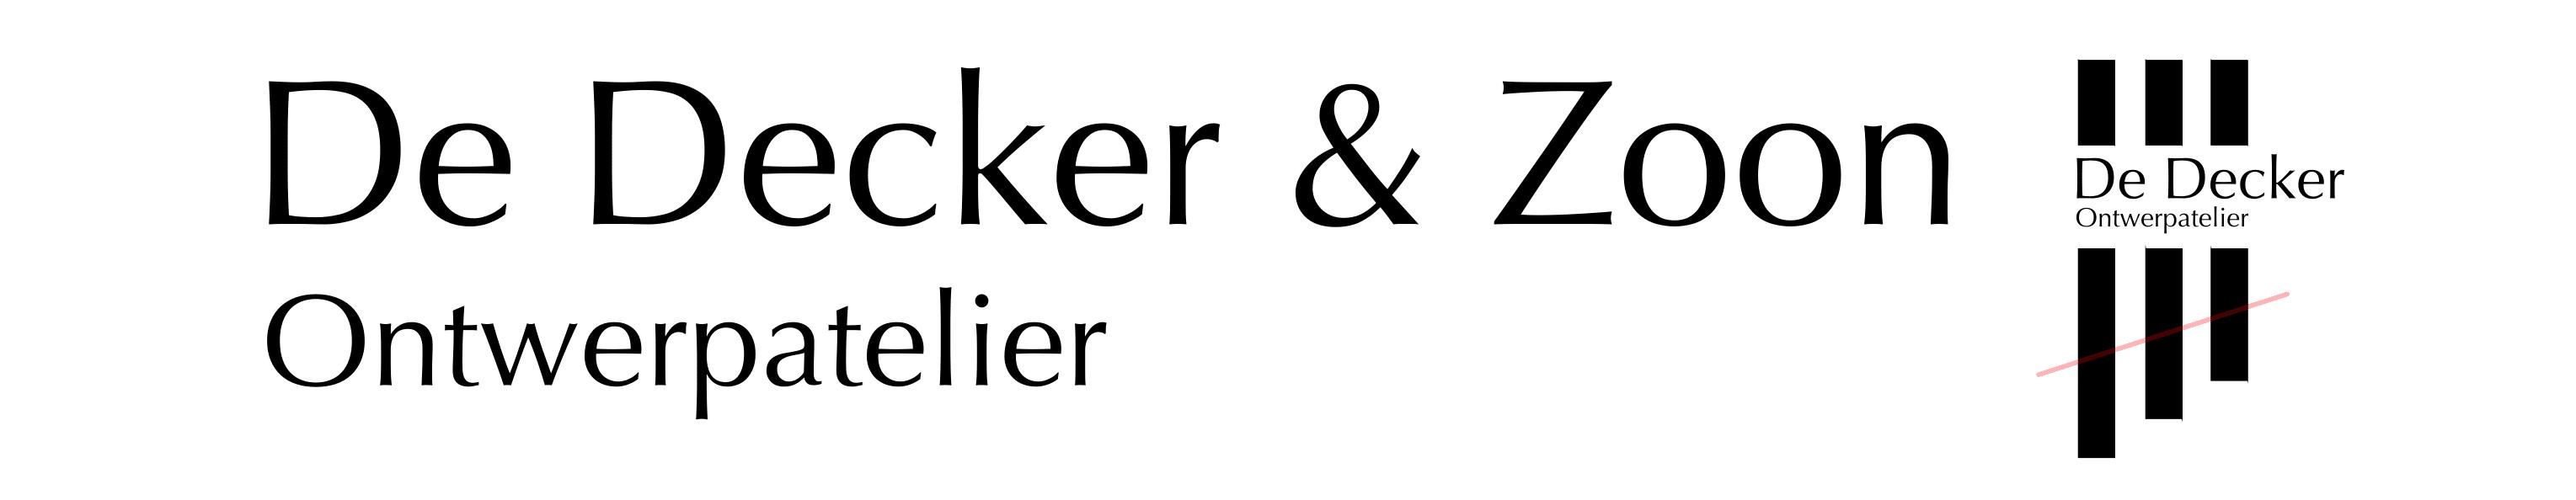 De Decker & Zoon